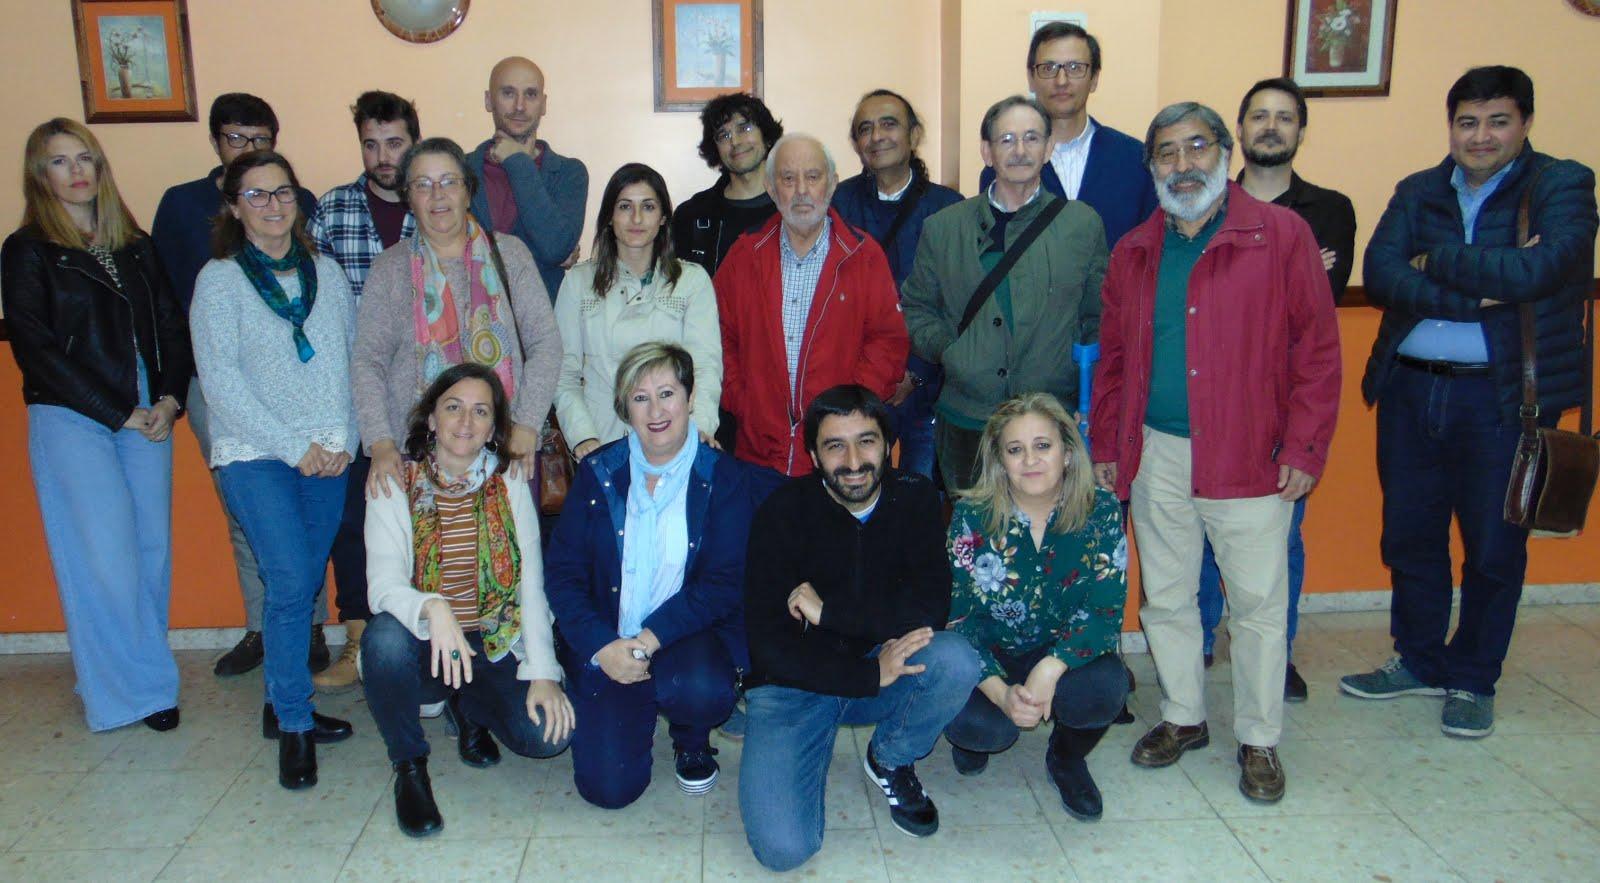 ASAMBLEA DE ALCALÁ ANUNCIA SU LISTA PARA LAS PRÓXIMAS ELECCIONES MUNICIPALES.